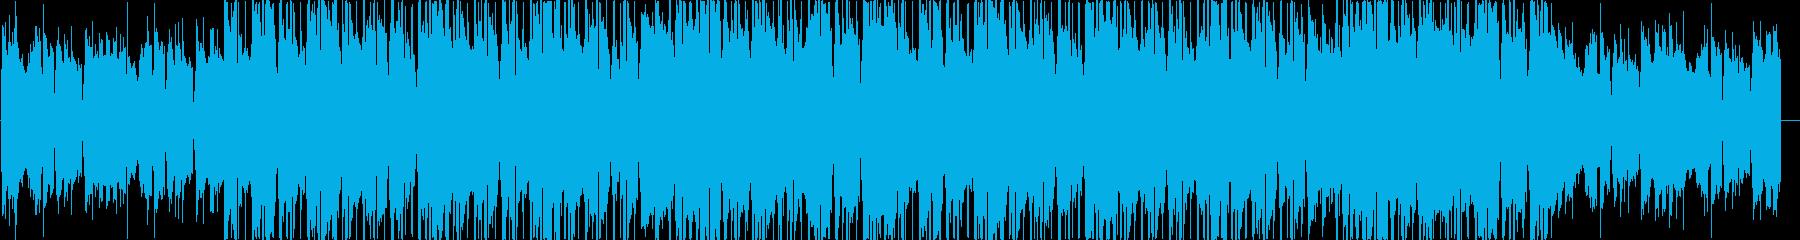 あるい感じのLo-fi HIPHOPの再生済みの波形